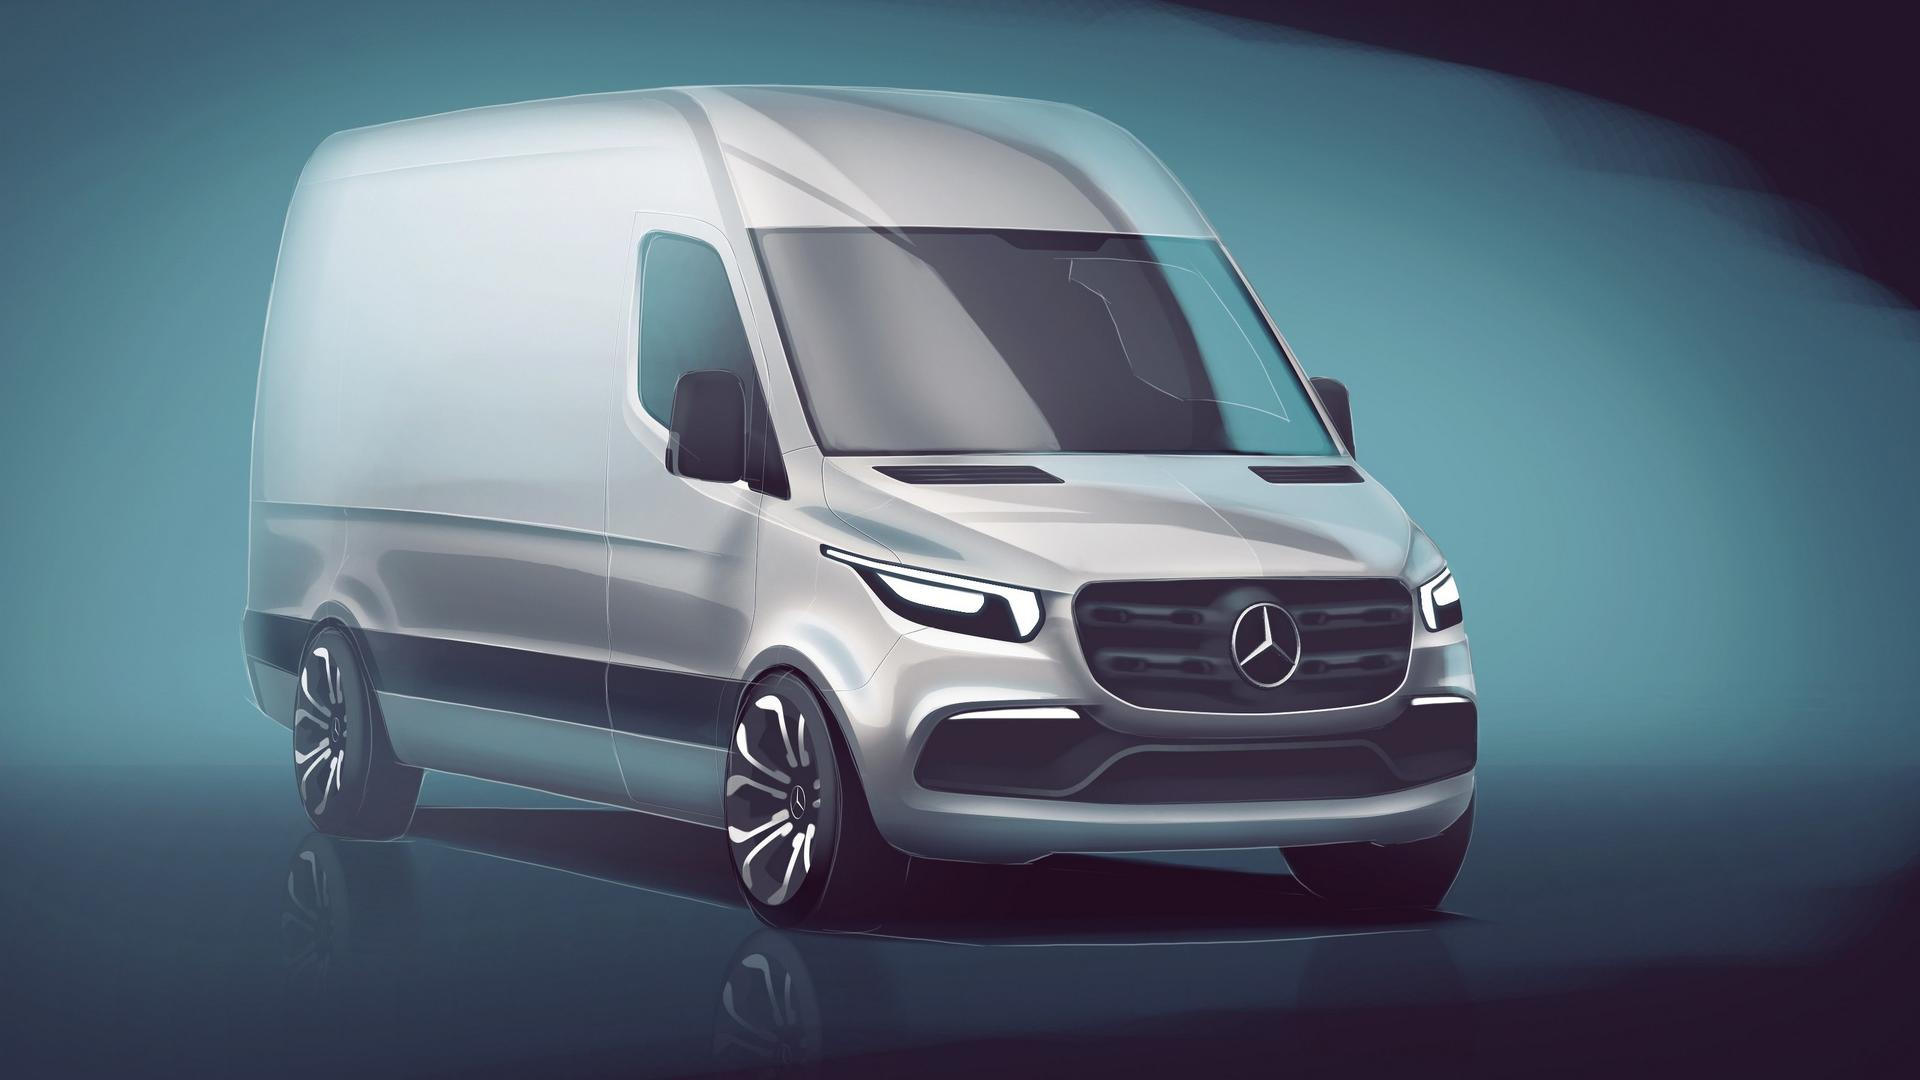 2018 Mercedes Sprinter zapowiedź